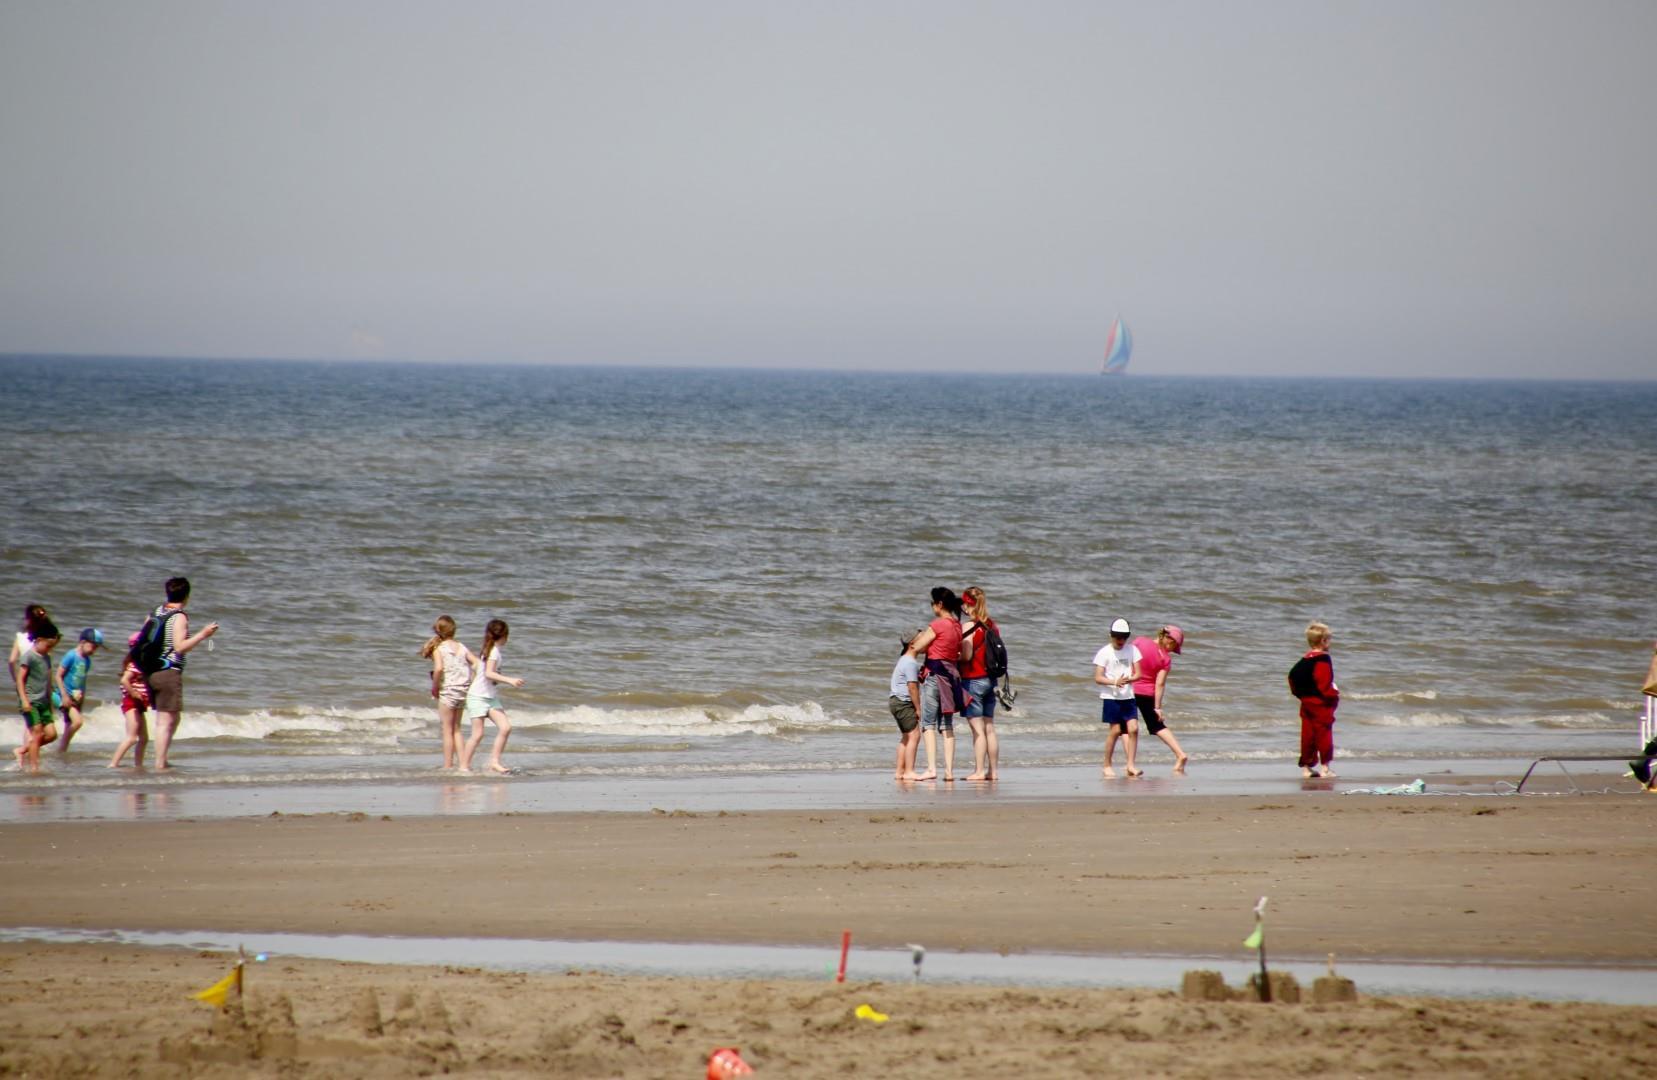 2017-05-22-duinen-en-strand-te-bredene-22-mei-2017-bredene-090-groot.JPG